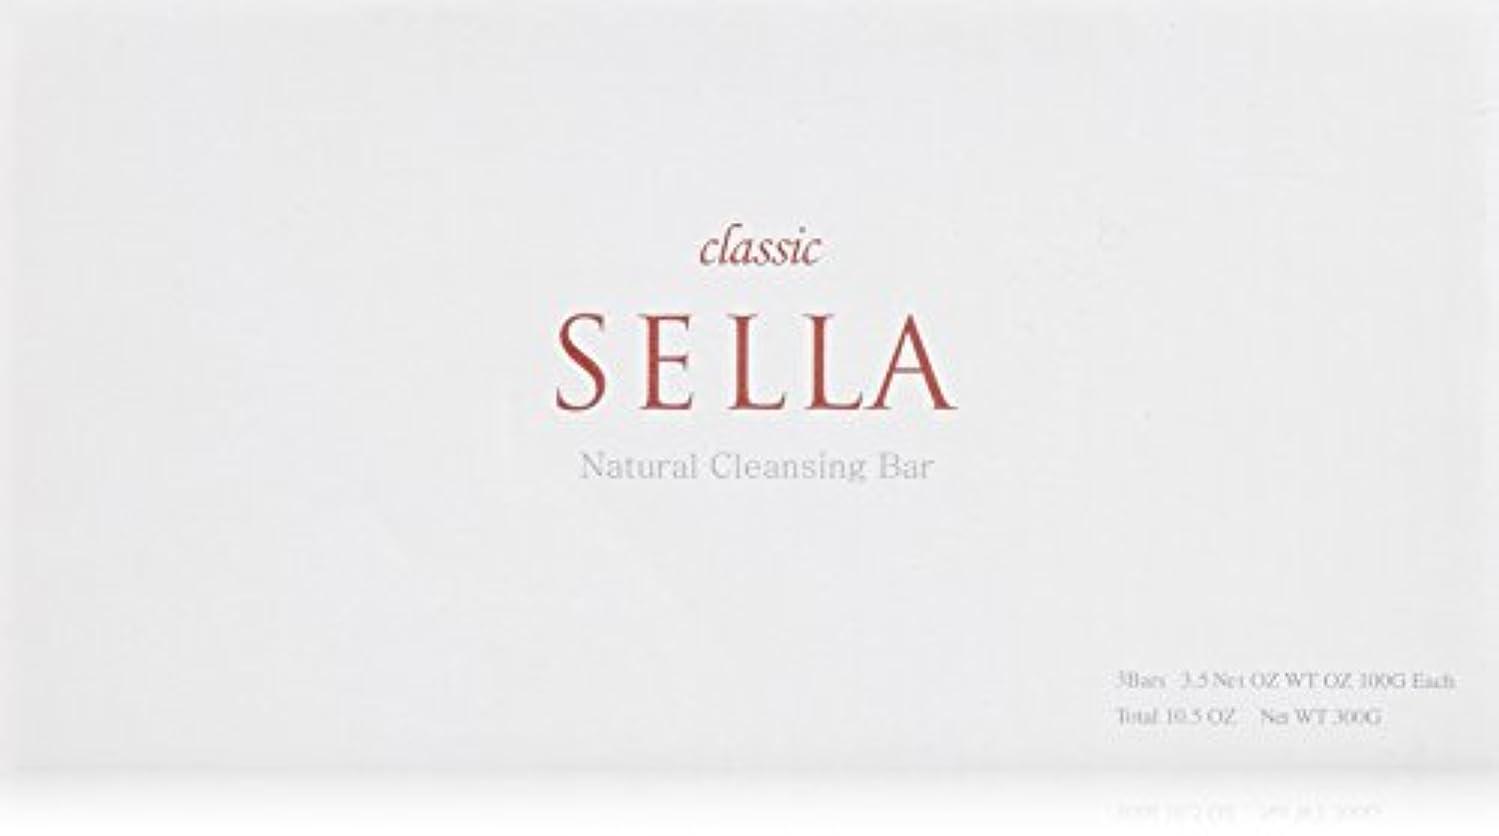 記憶嫌悪歌詞SELLA(セラ) クラシック nanoクレンジングバー  3個SET